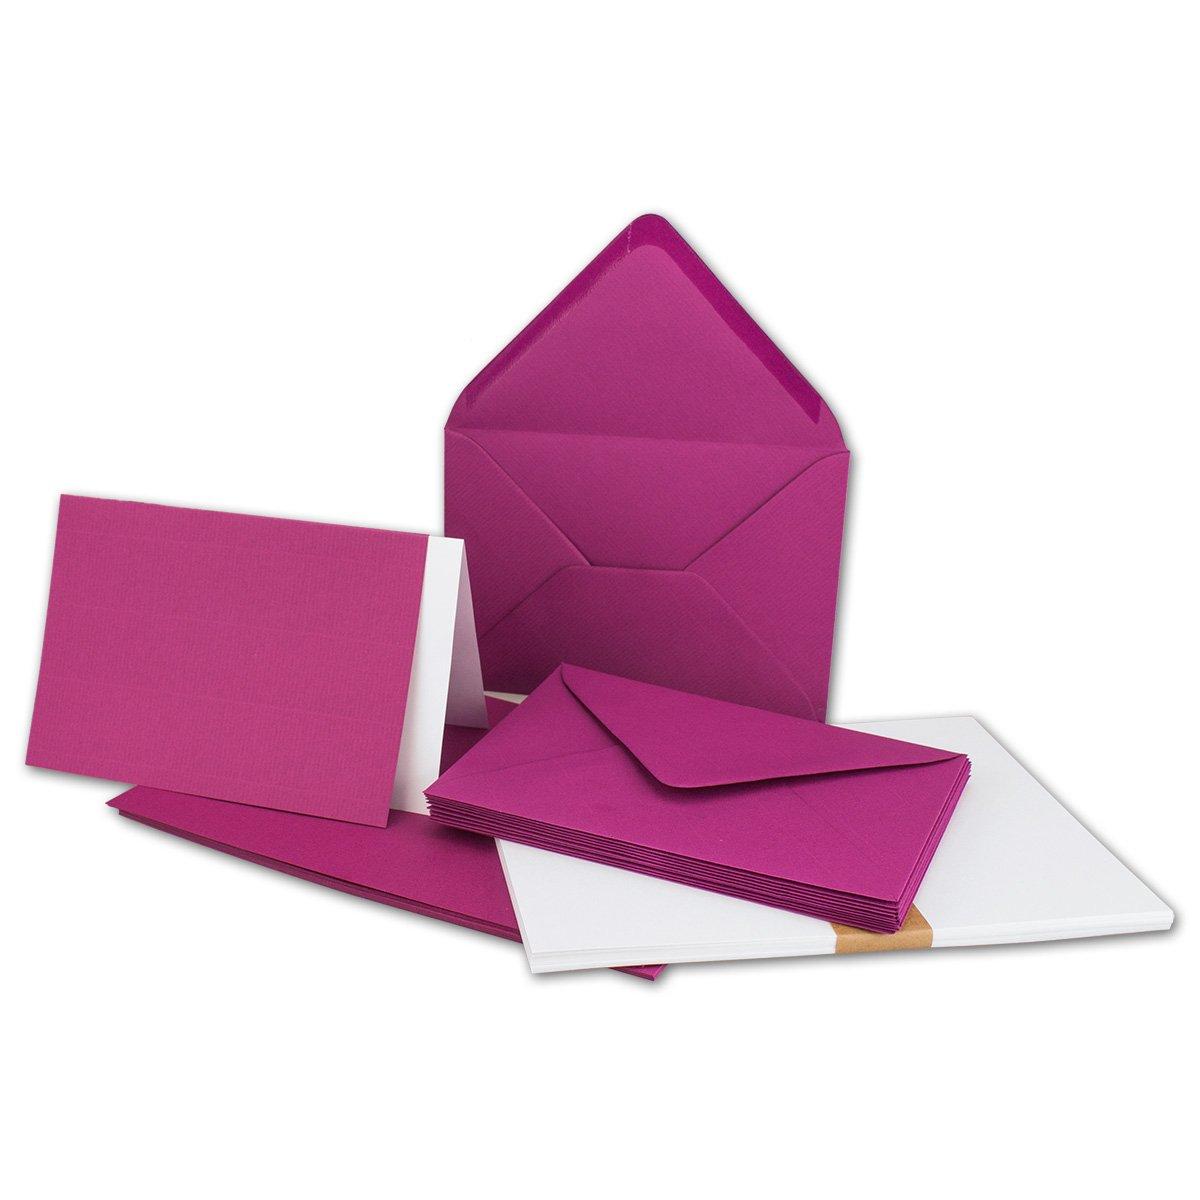 150 Sets - Faltkarten Hellgrau - DIN A5  Umschläge  Einlegeblätter DIN C5 - PREMIUM QUALITÄT - sehr formstabil - Qualitätsmarke  NEUSER FarbenFroh B07C2XT7MC | Sehr gute Qualität